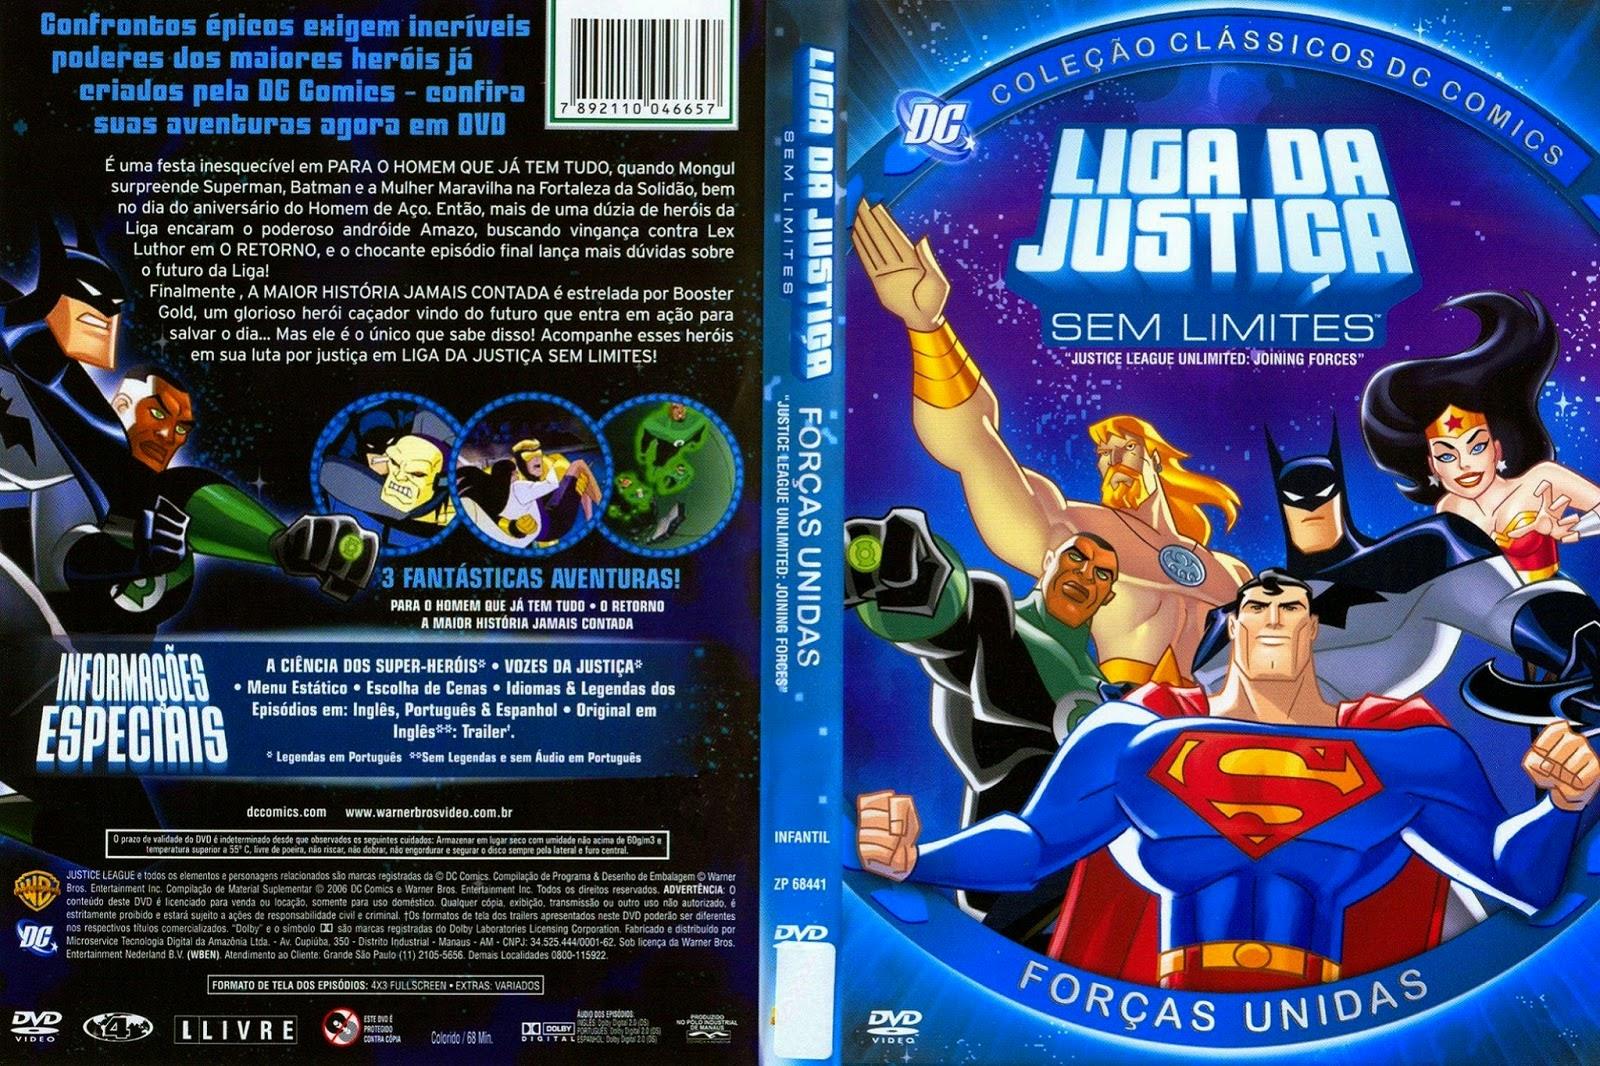 Liga da Justiça Sem Limites Forças Unidas